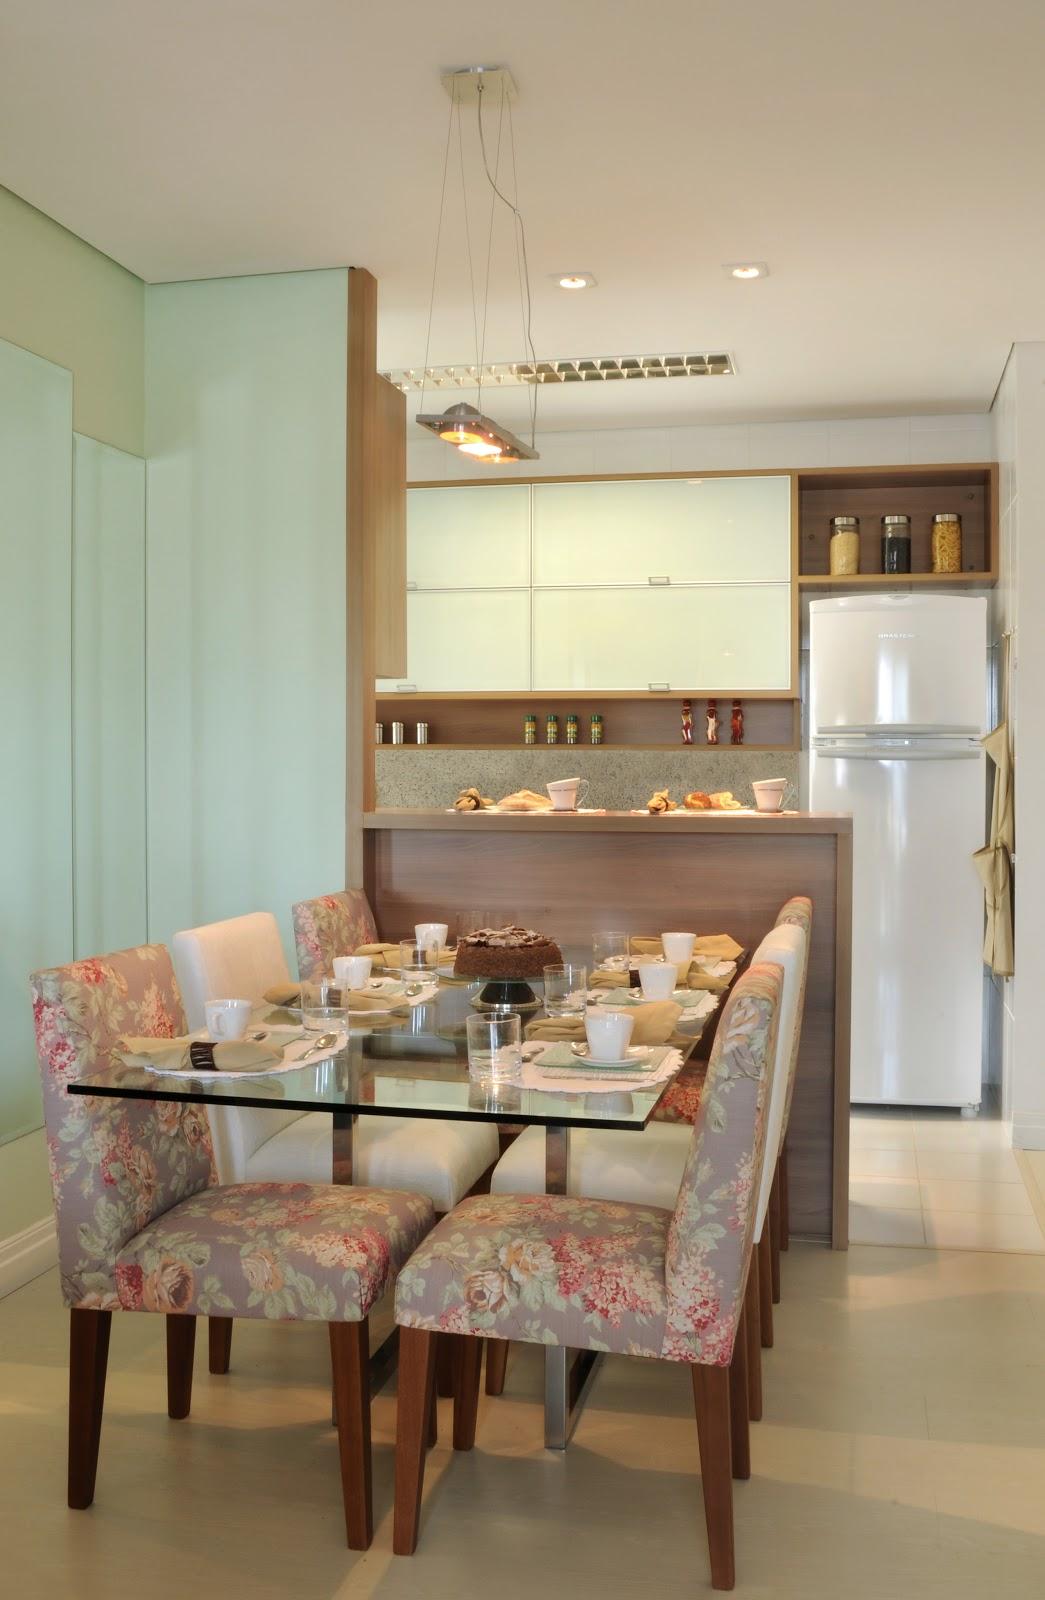 Cozinha Planejada Americanajpg Car Interior Design #90673B 1045 1600